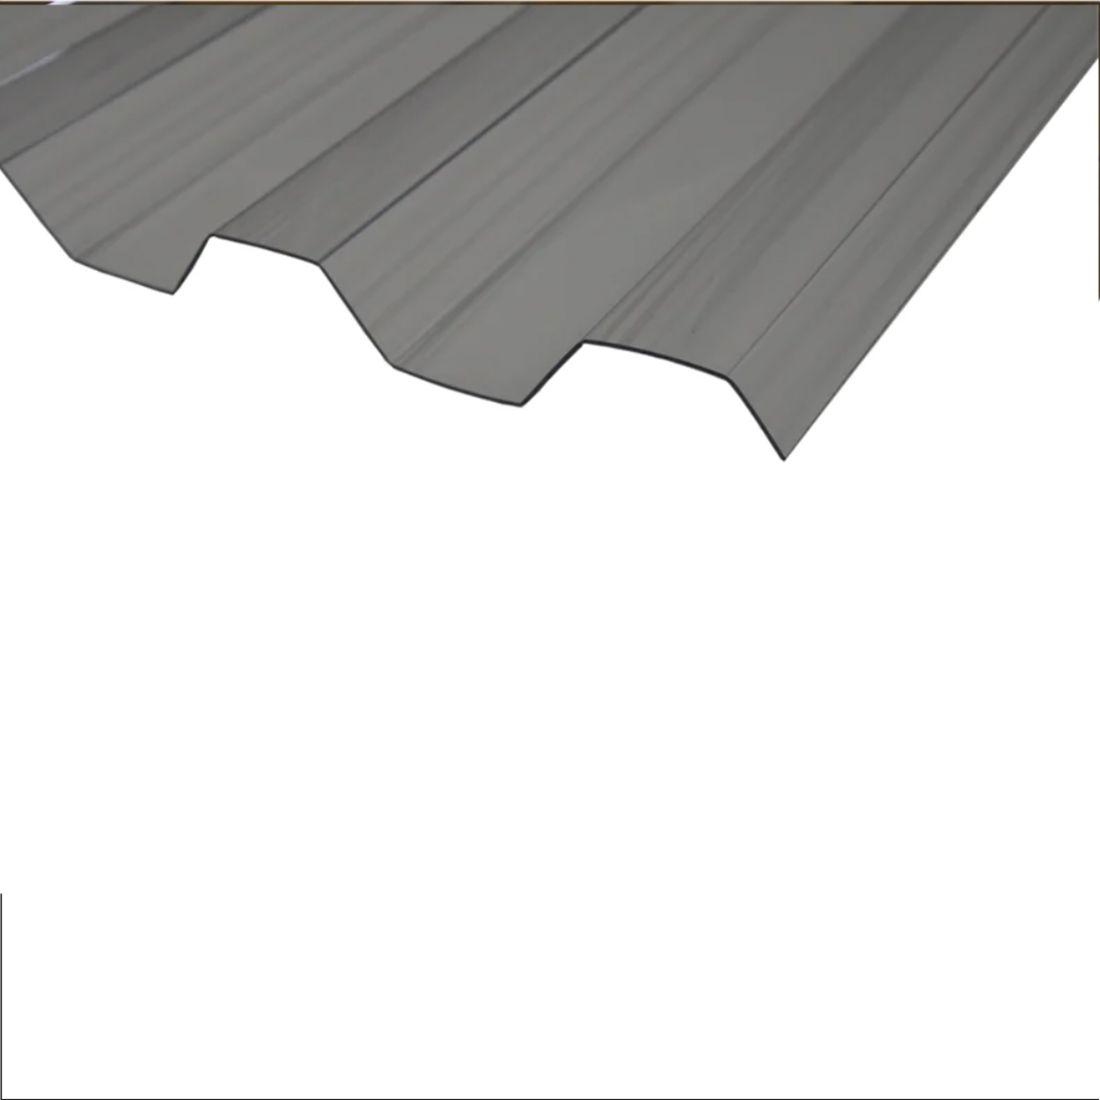 Greca Grey 7200 x 810mm